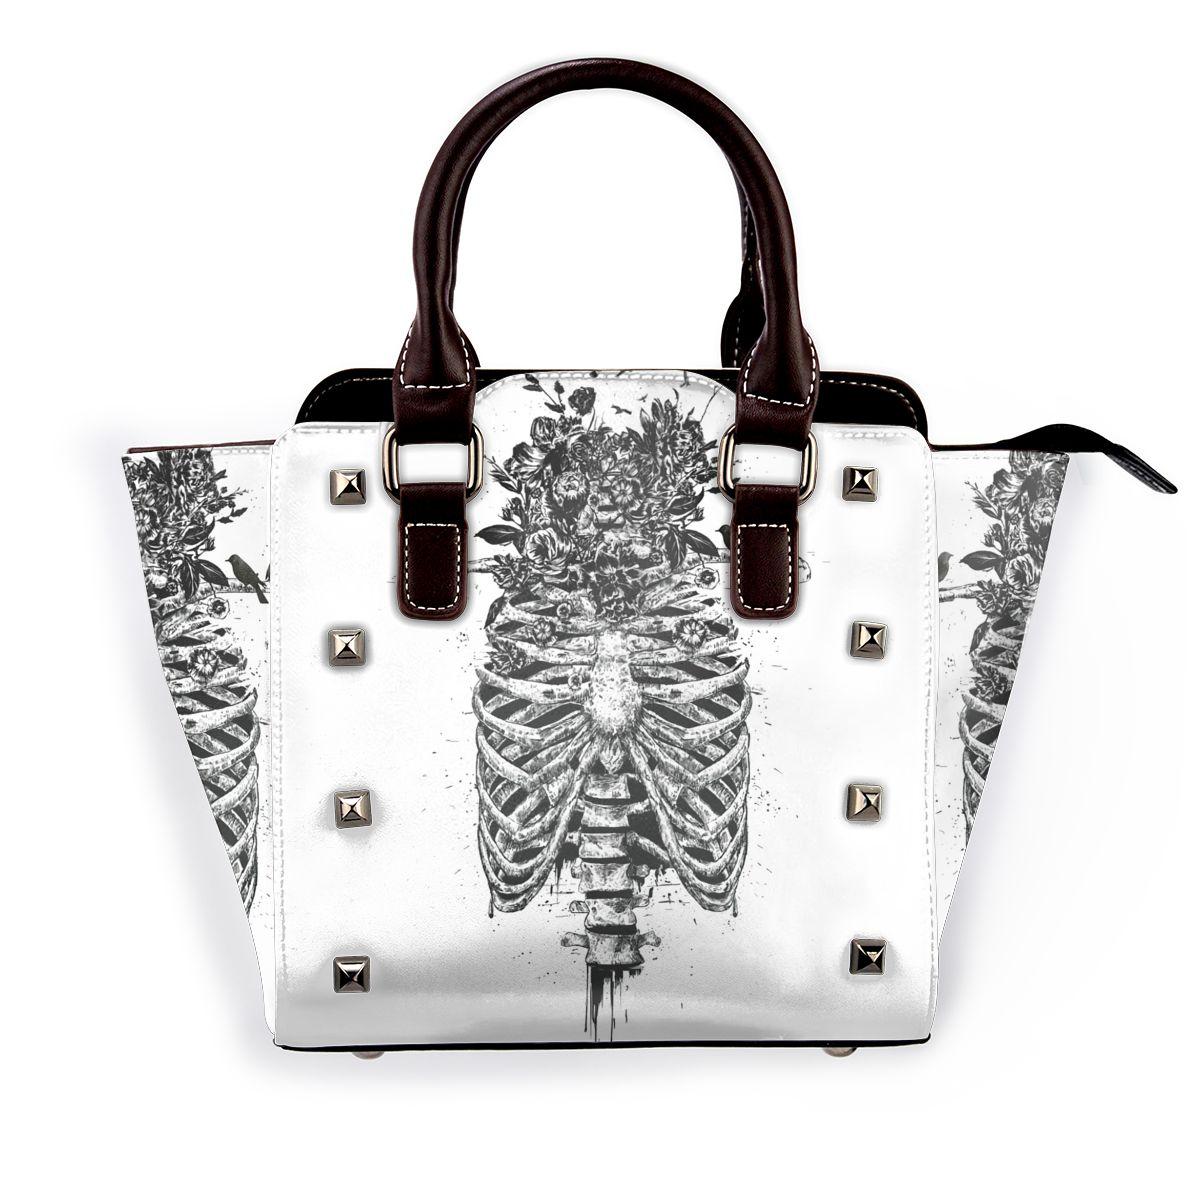 الهيكل العظمي الزهور الطيور حقيبة كتف كول التسوق امرأة حقيبة يد الهدايا حقائب جلدية أنيقة